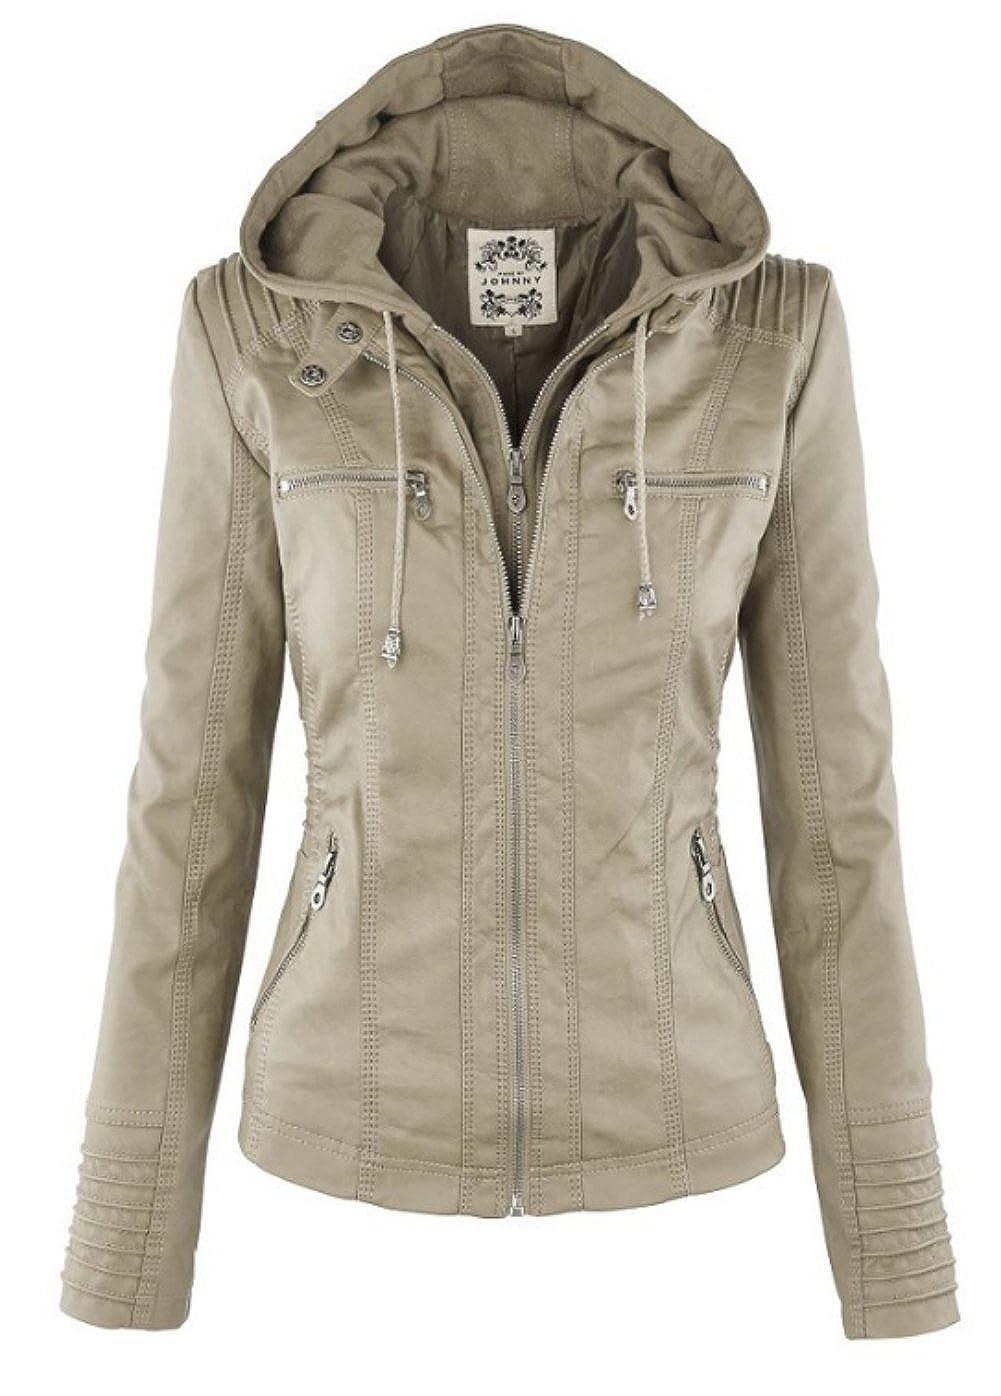 DOKER Women's Hooded Faux Leather Motorcyle Jacket Detachable Full Zipper Outerwear